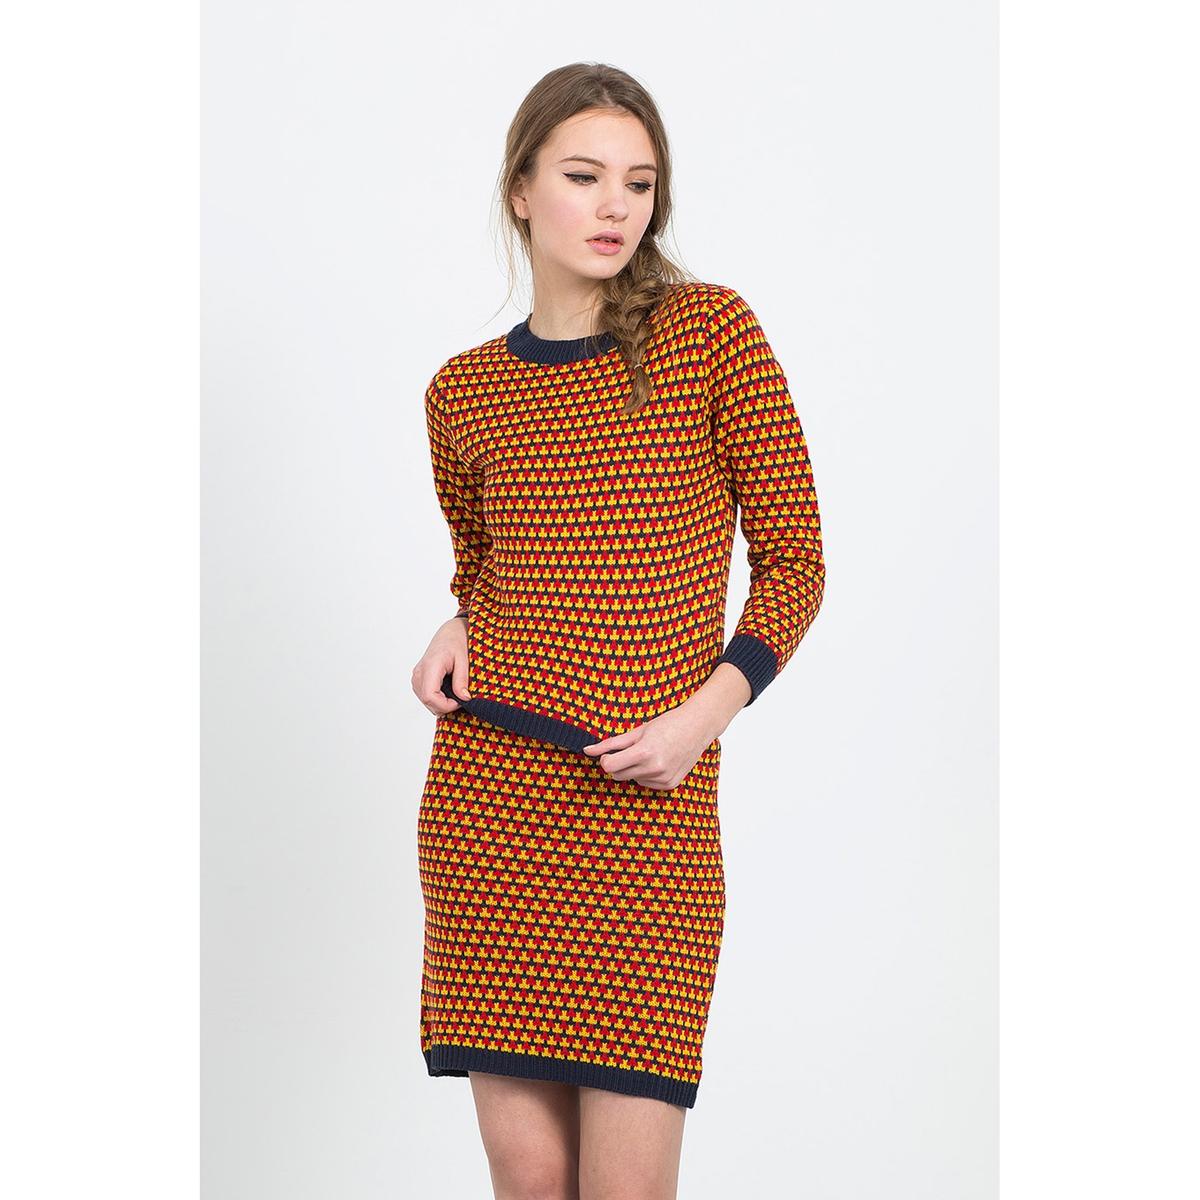 Комплект: пуловер и юбка, геометрический рисунок, PISA SETСостав и описание:Материал: 100% акрилаМарка: COMPANIA FANTASTICA.УходСтирать при 30° с вещами схожих цветовСтирать и гладить с изнаночной стороны<br><br>Цвет: разноцветный<br>Размер: S/M.M/L